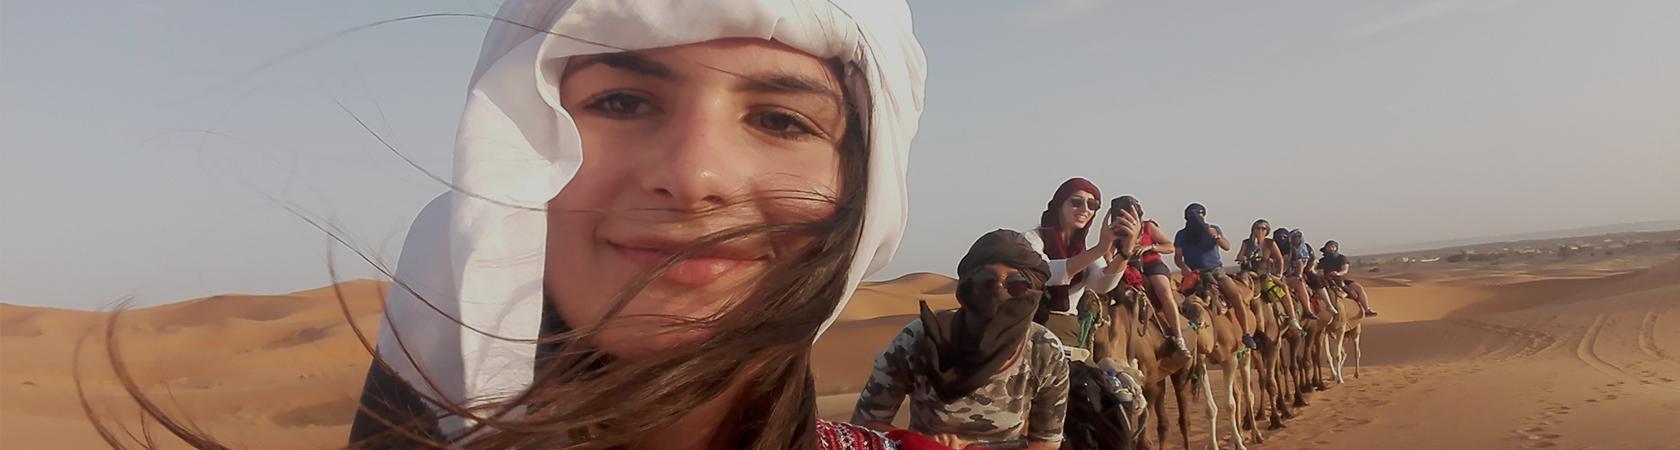 Avantura zvana Maroko